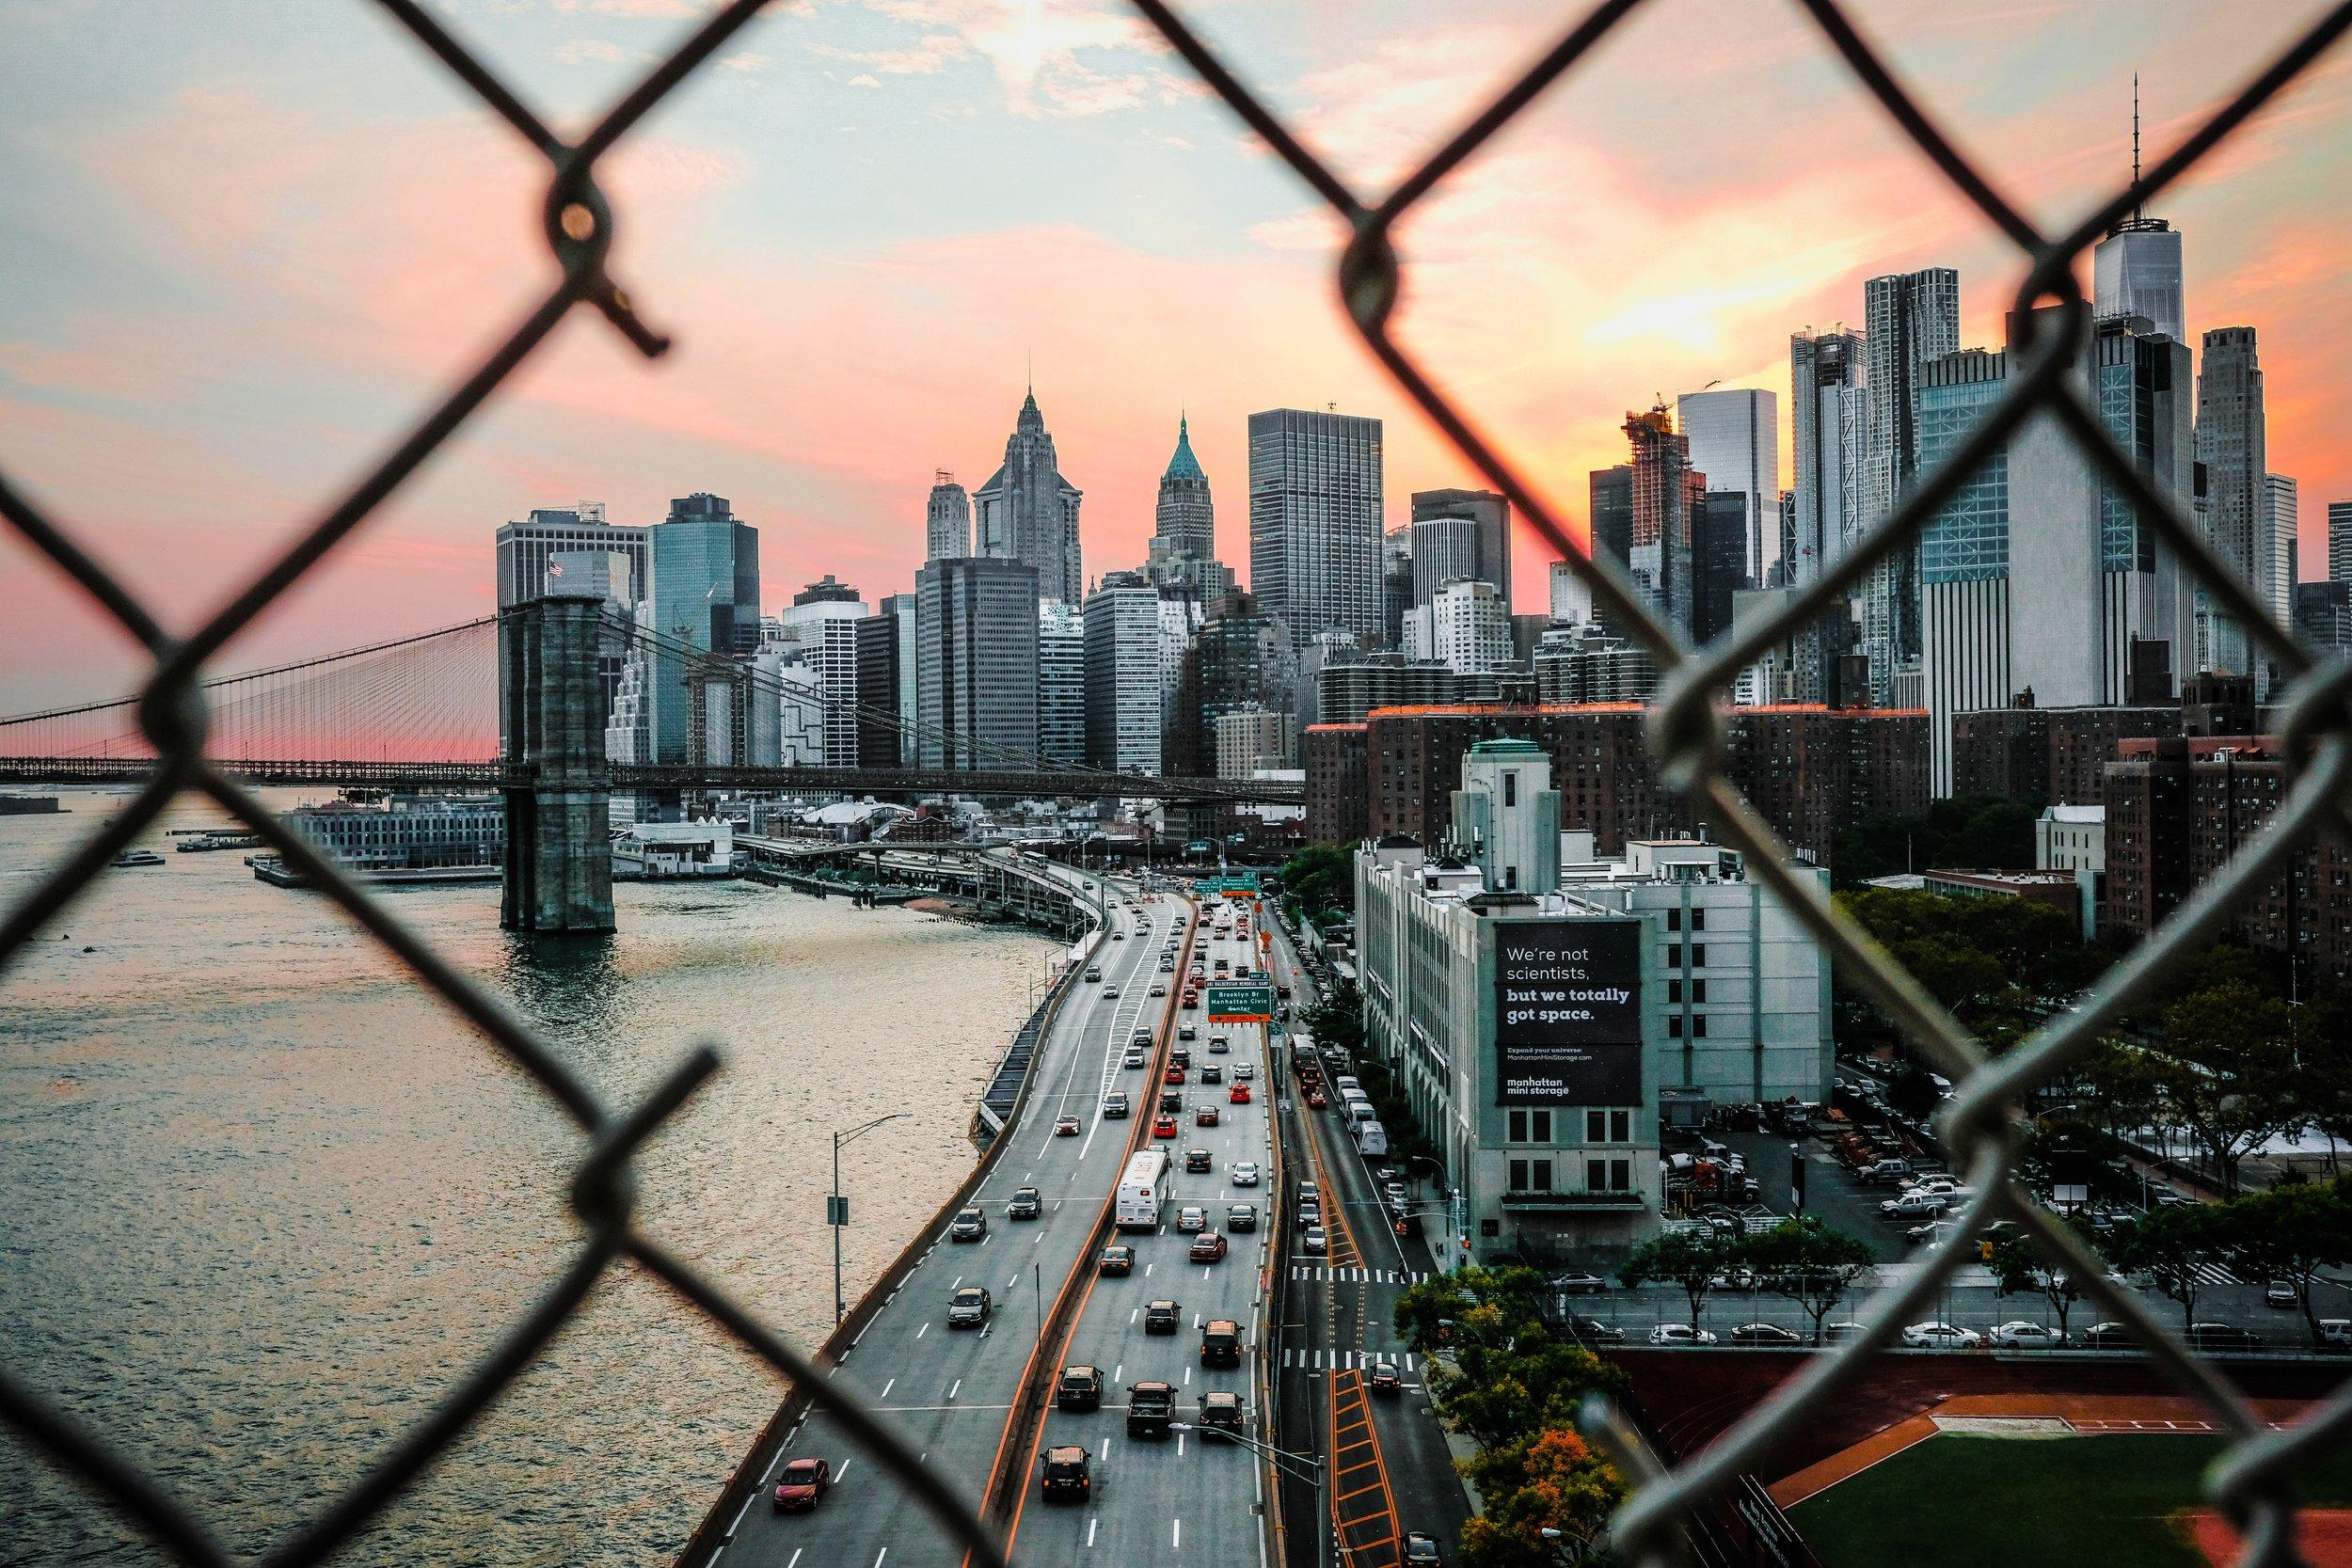 matteo-catanese-new york - ethical business.jpg